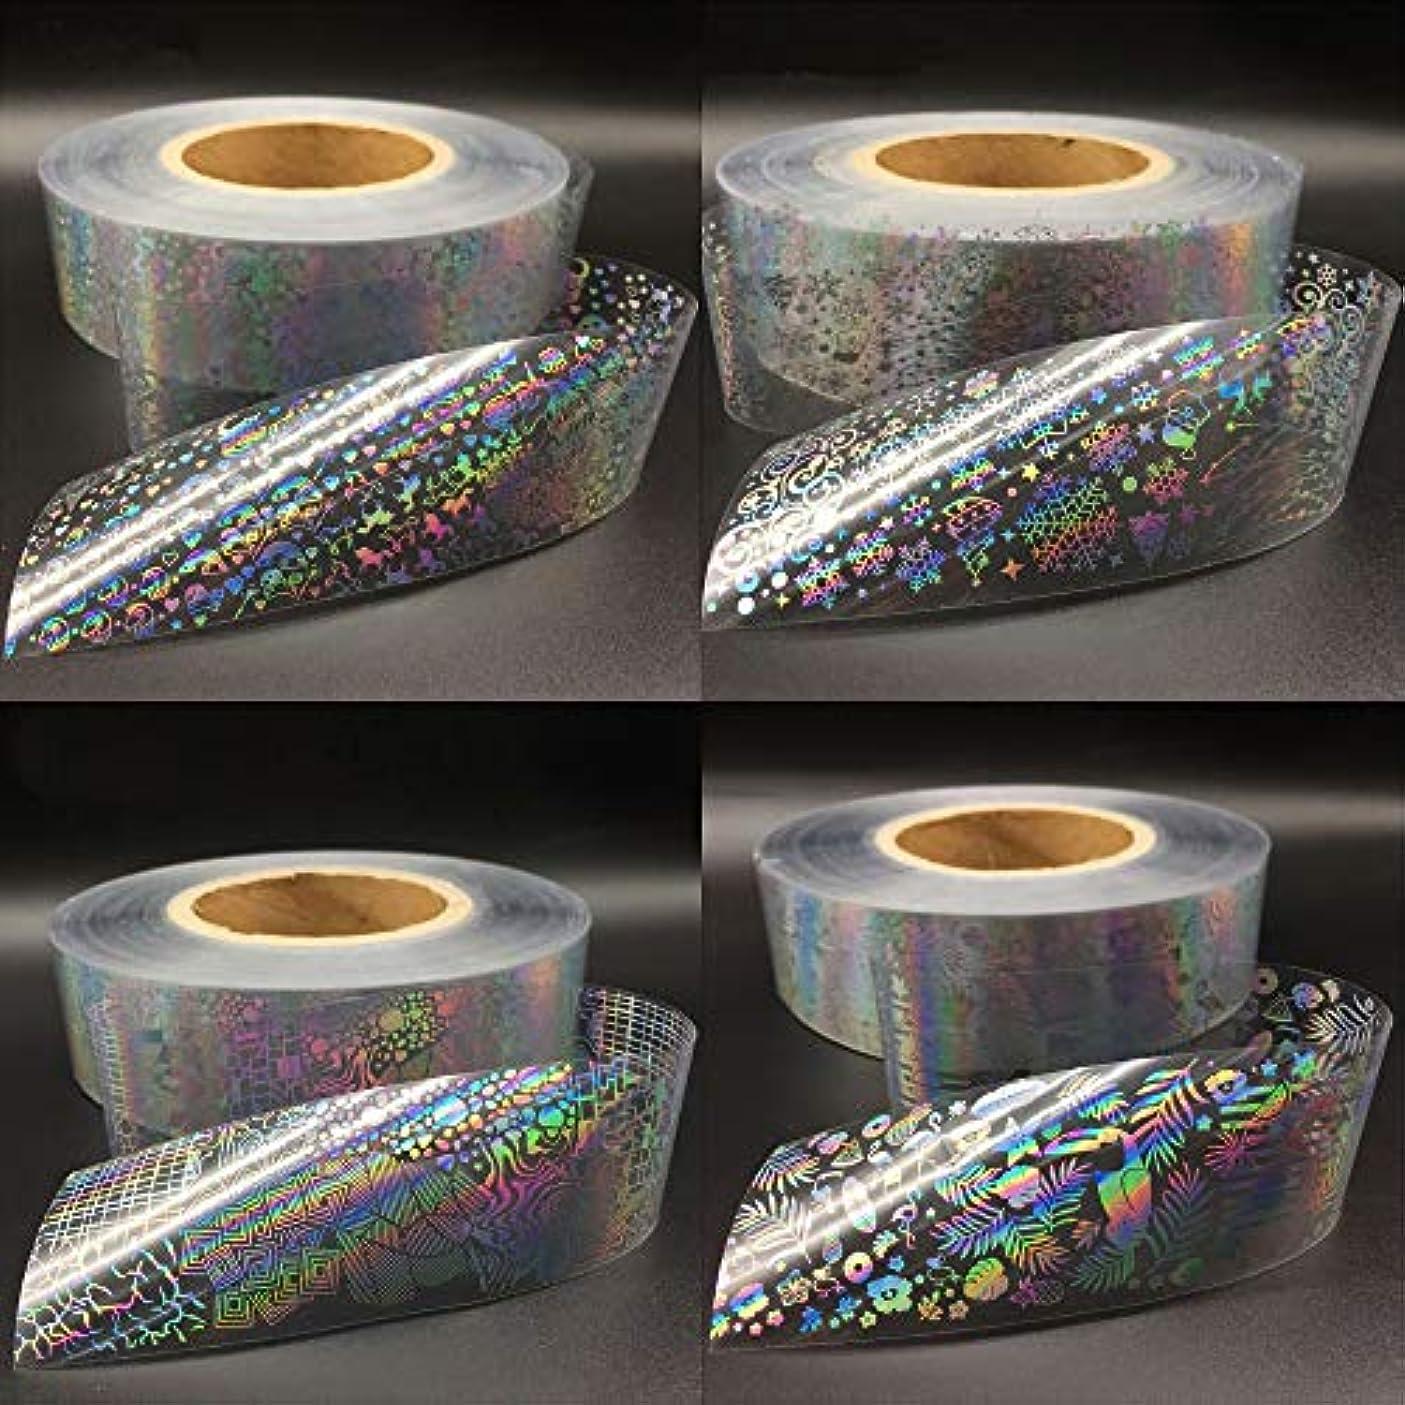 Snifu ホイルネイル 転写ホイル 多形状 4cm*1m 4枚セット 箔 ネイルアート キラキラ 爽やか 可愛い ケース入れ (Bセット)